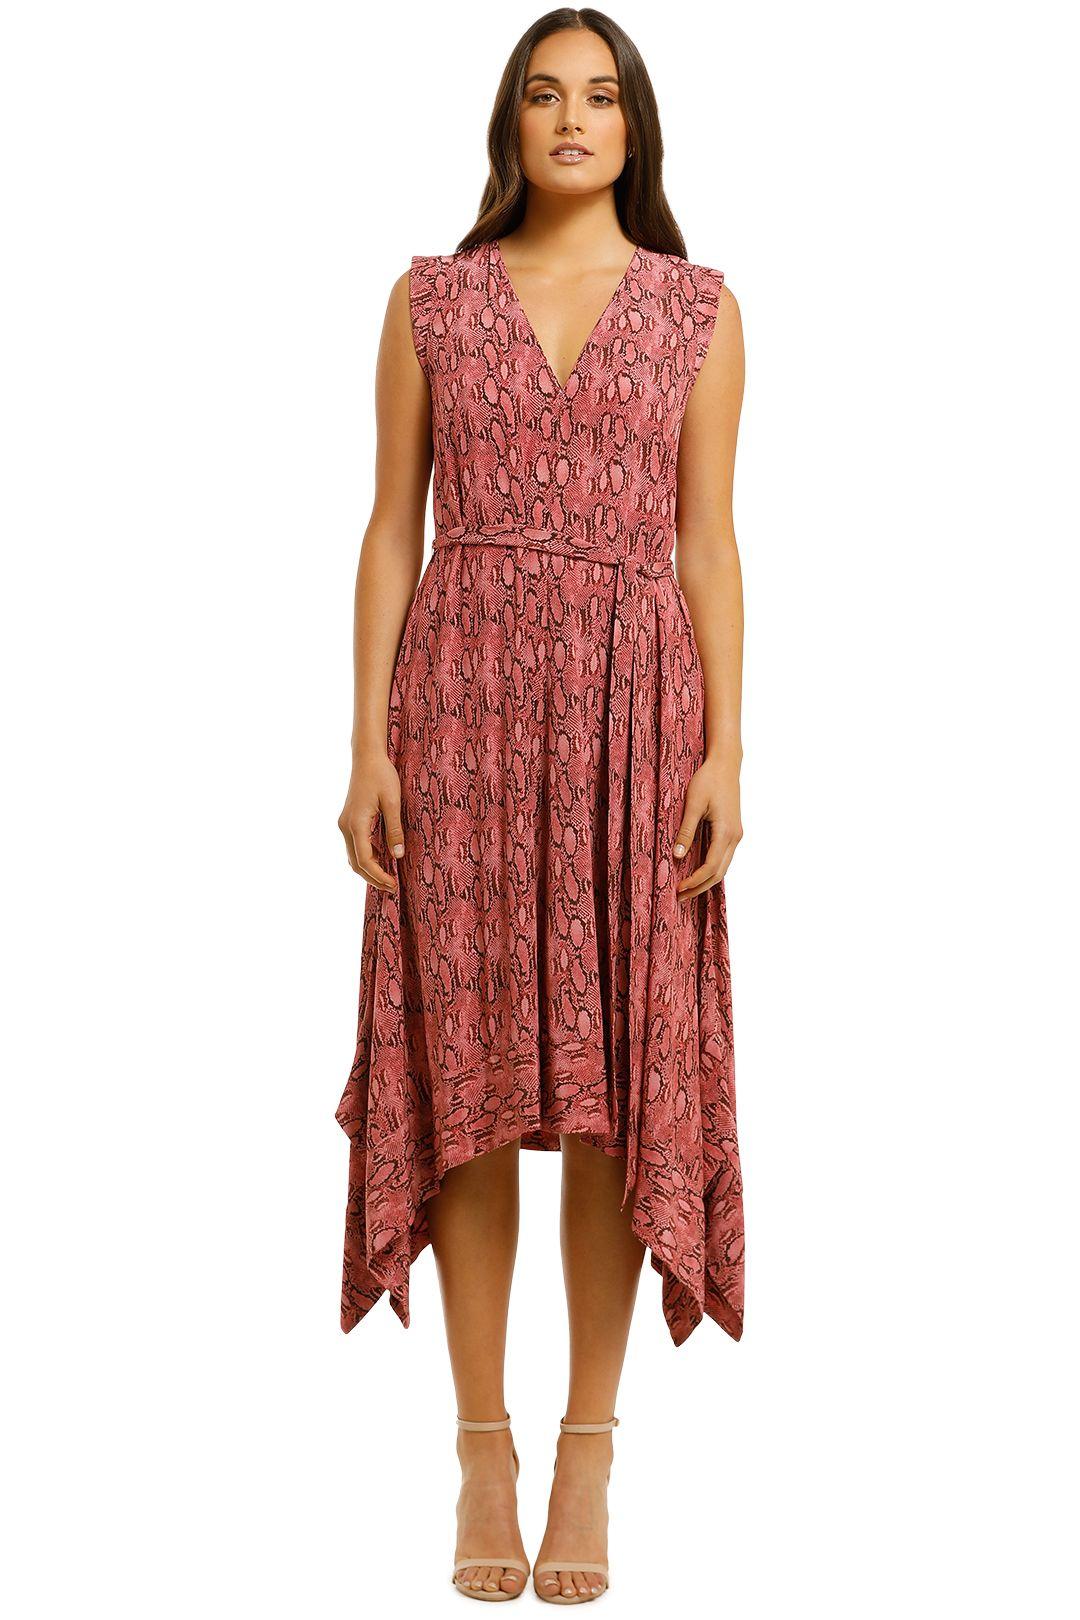 Husk-Caribbean-Dress-Pink-Snake-Front